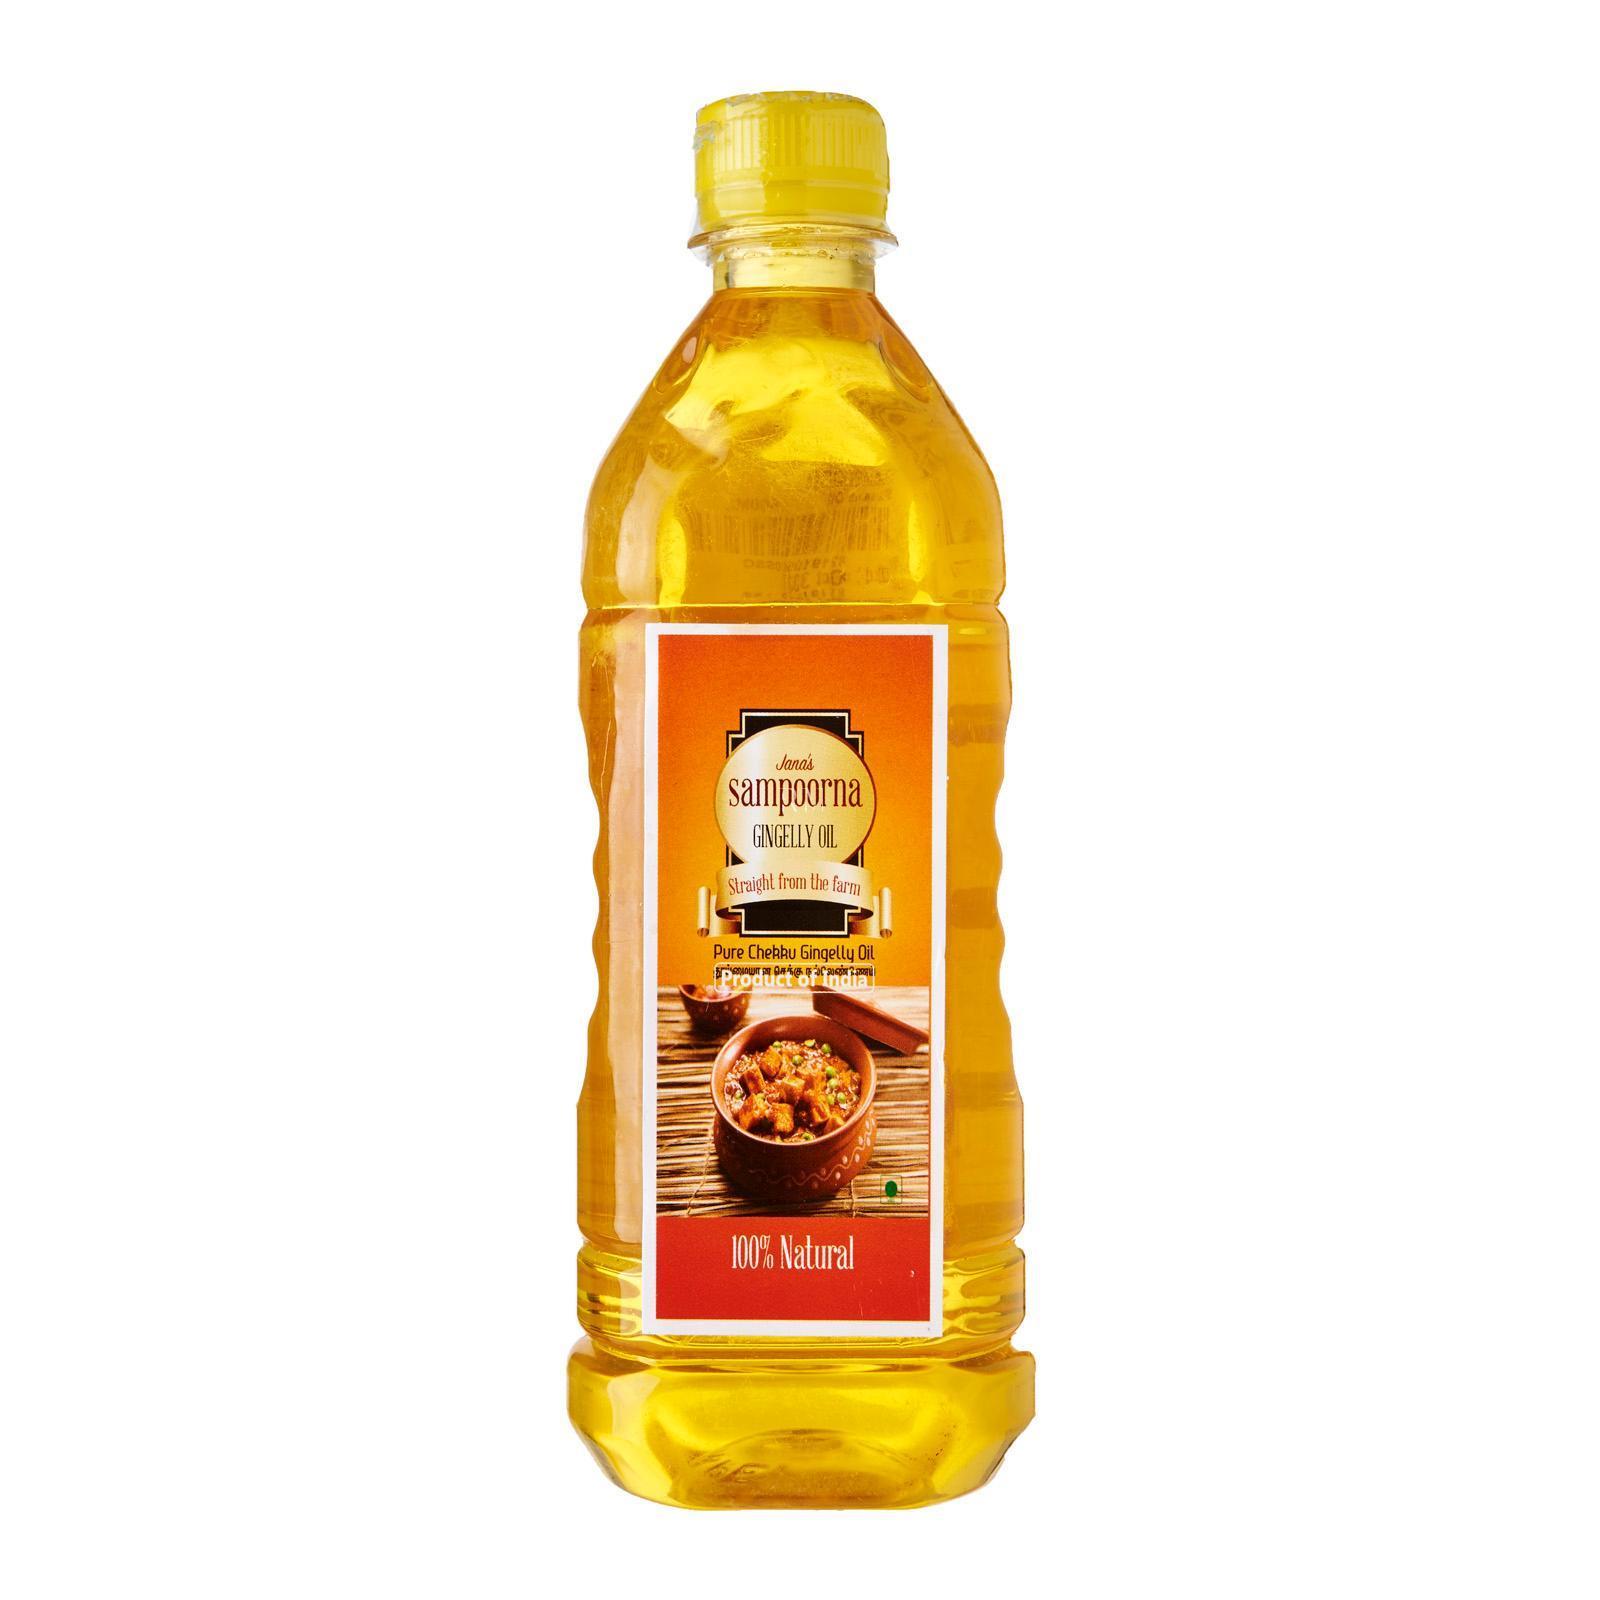 Sampoorna Chekku / Metal Pressed Sesame Oil By Redmart.